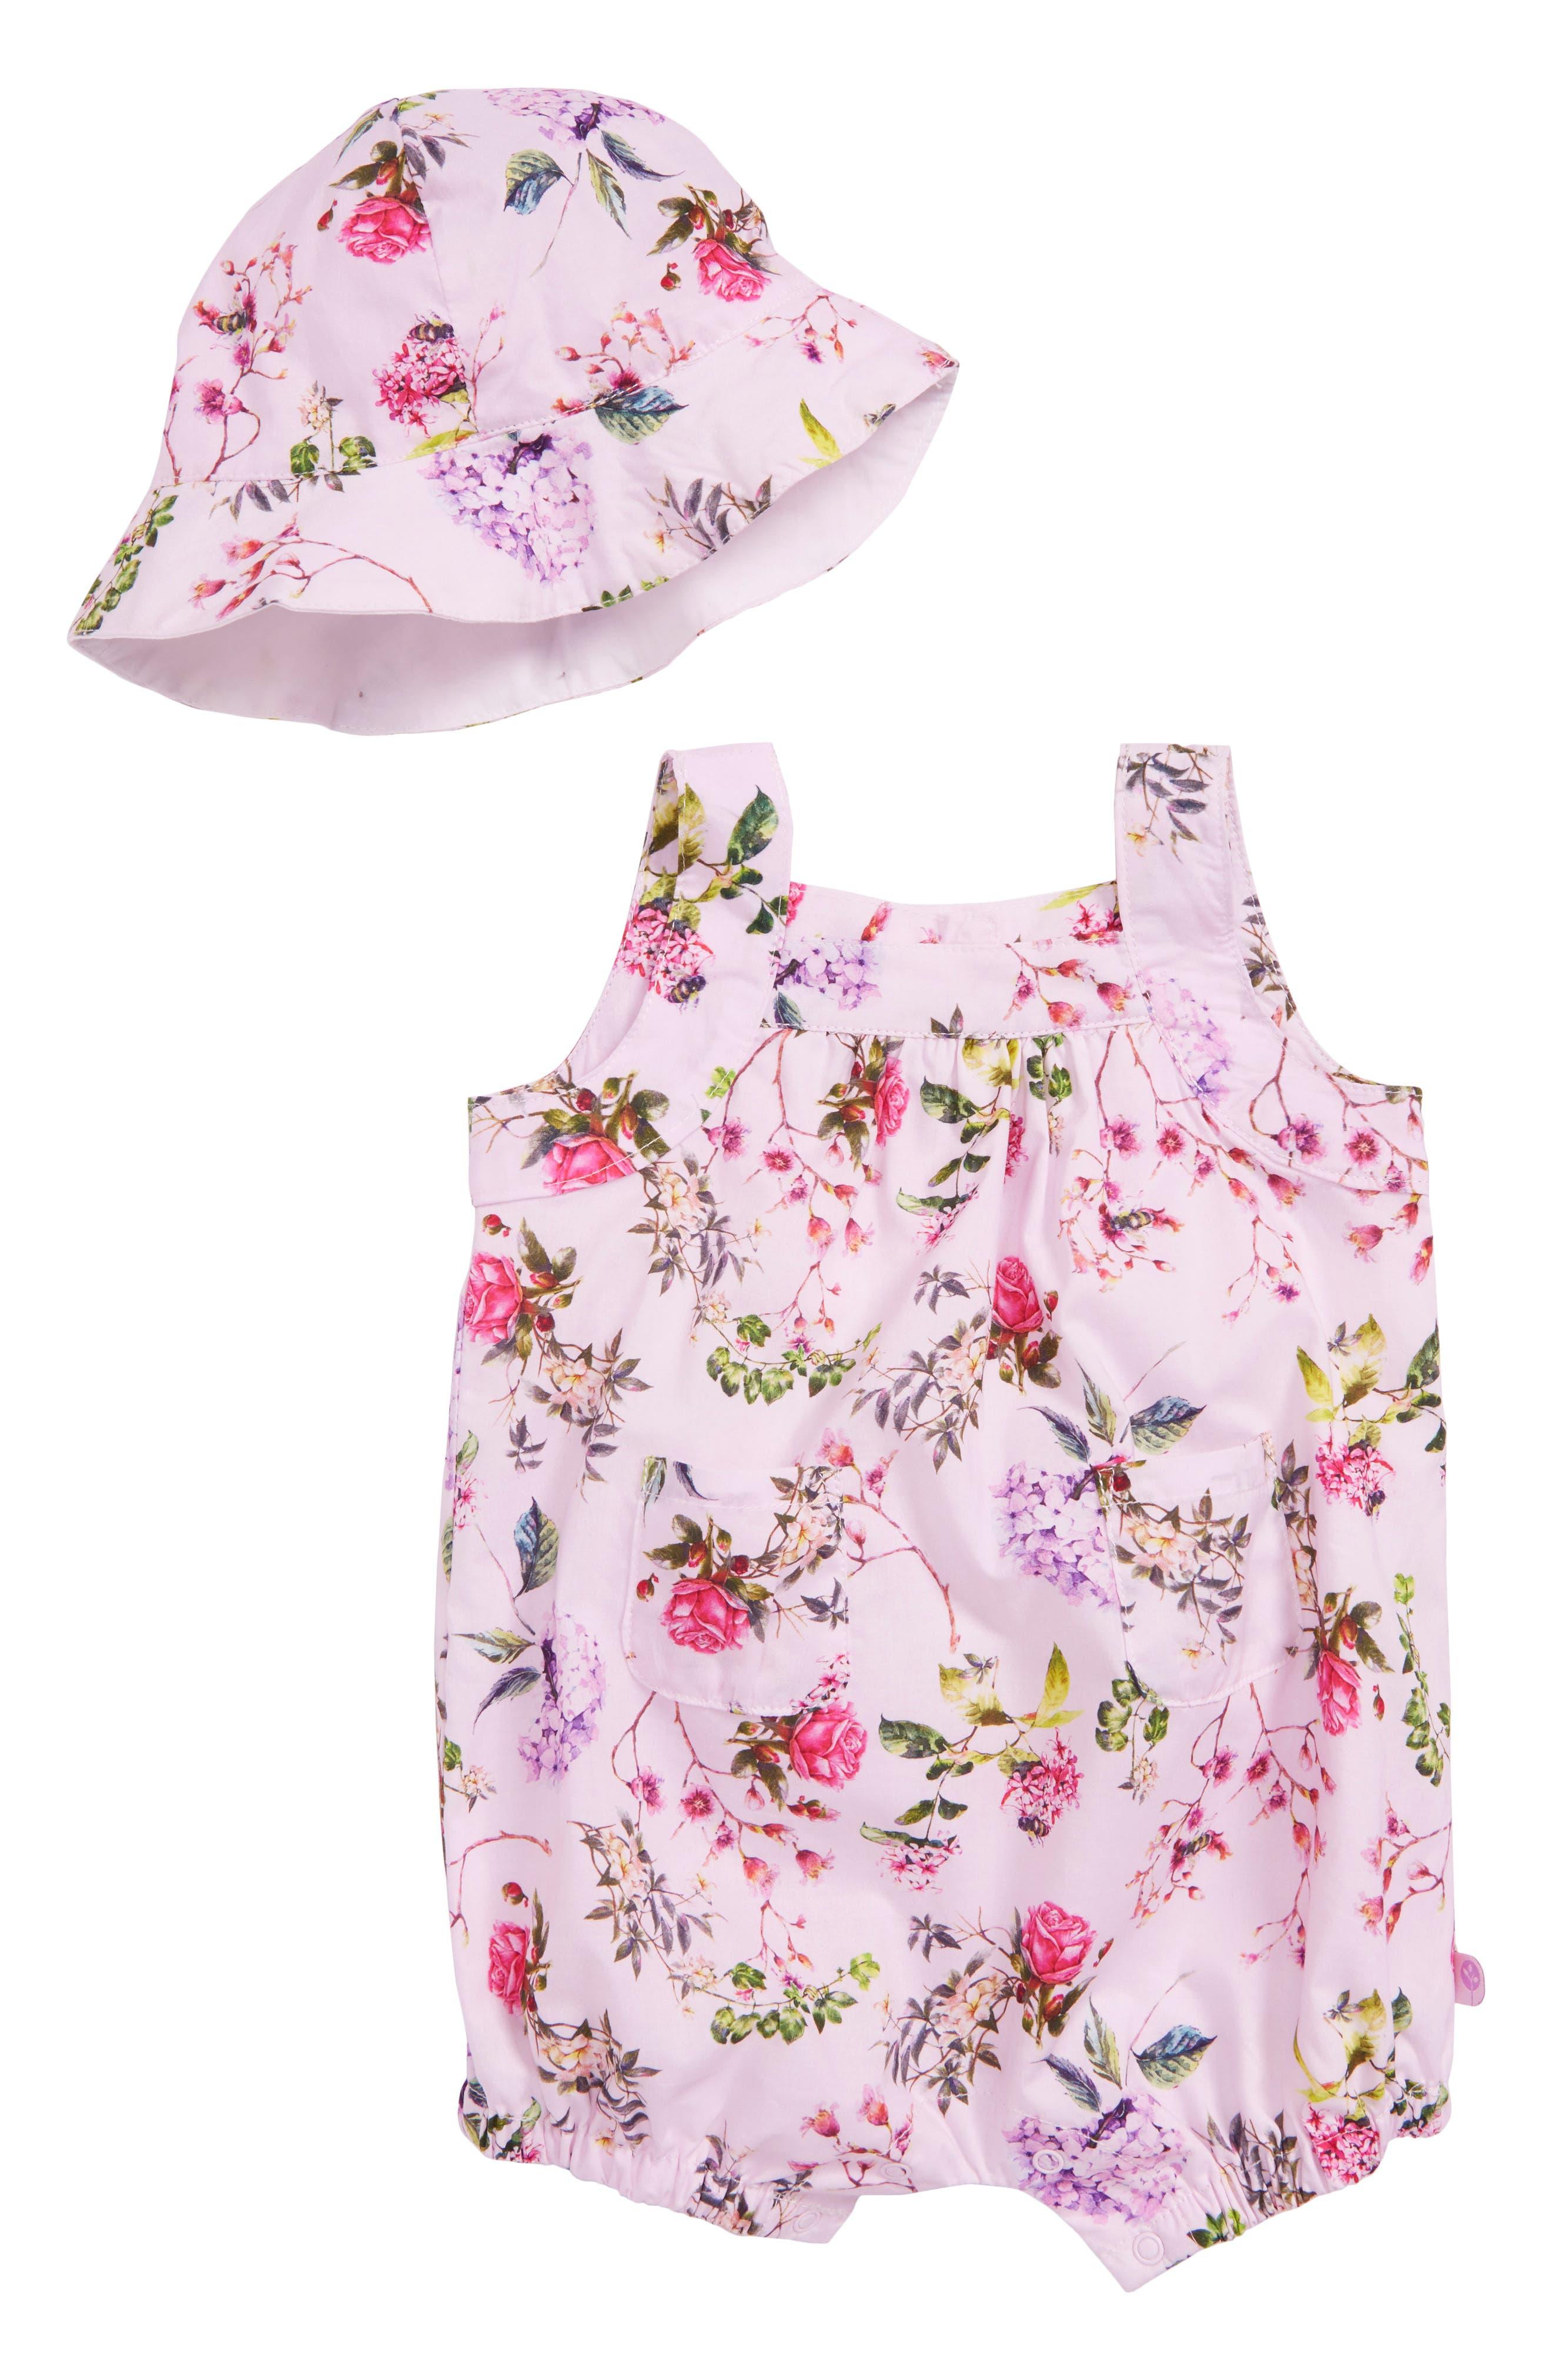 Blooms Woven Romper & Hat Set,                         Main,                         color, Floral